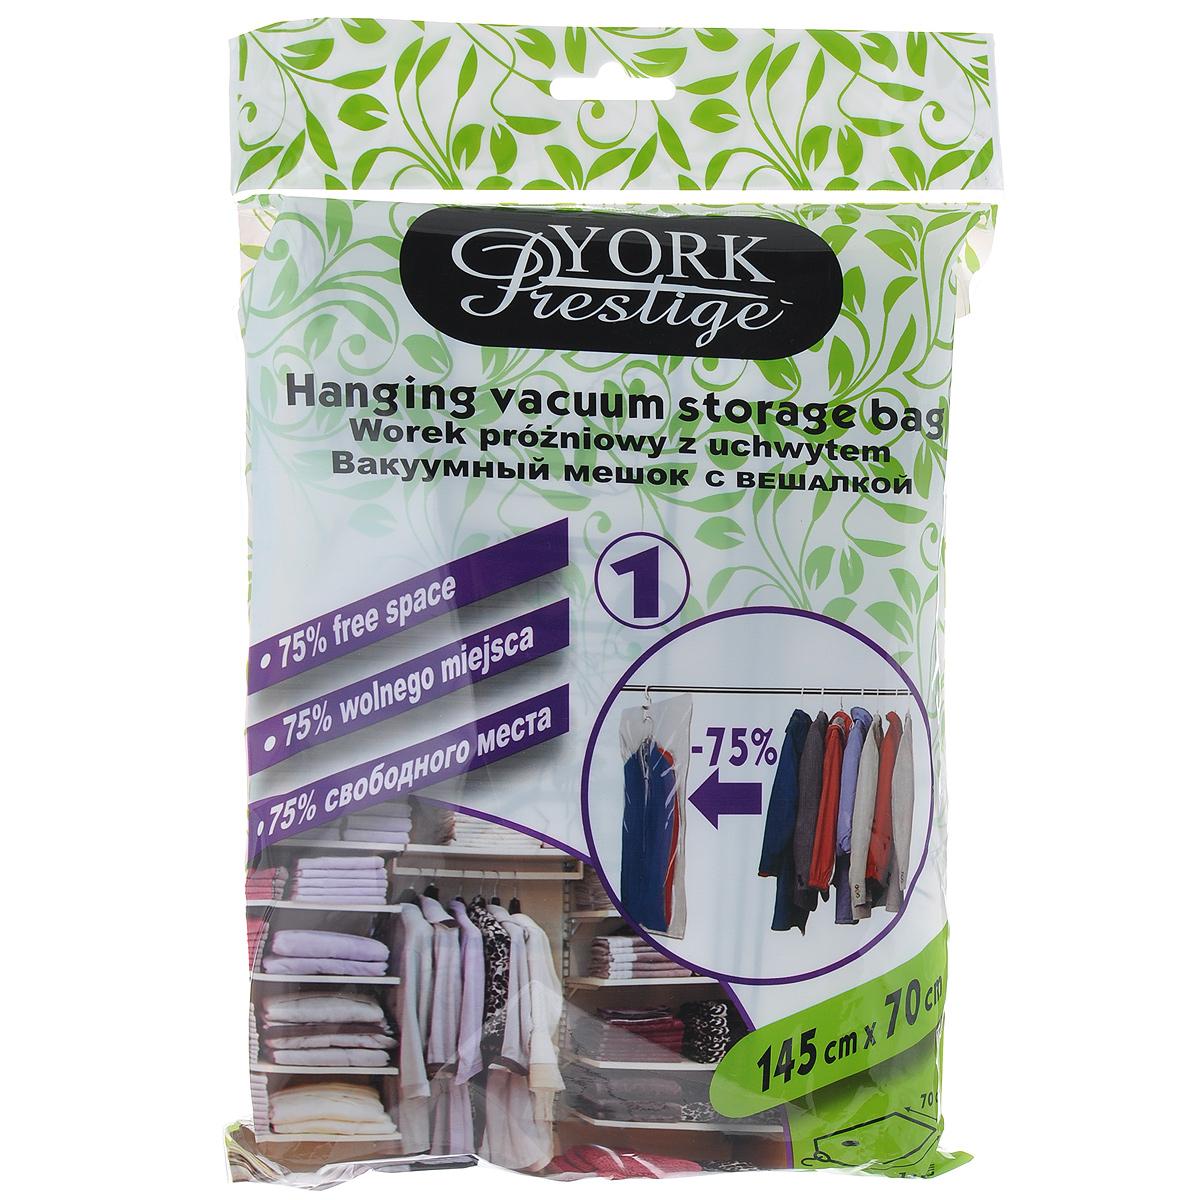 Вакуумный мешок York Prestige, с вешалкой, 145 см х 70 смES-412Вакуумный мешок York Prestige позволит вам компактно хранить в шкафу куртки, плащи, пальто, пиджаки и блузки, при этом защищая их от влаги, пыли и вредных насекомых. Встроенная пластиковая вешалка помогает разместить сжатые вещи в шкафу, не складывая их и не занимая места на полках. После того, как вы поместите вещи в пакет, необходимо с помощью обычного пылесоса через специальный клапан откачать воздух - и ваши вещи теперь в надежных руках. Вакуумный пакет удобен как для компактного хранения, так и для перевозки вещей, в том числе в командировках и путешествиях.